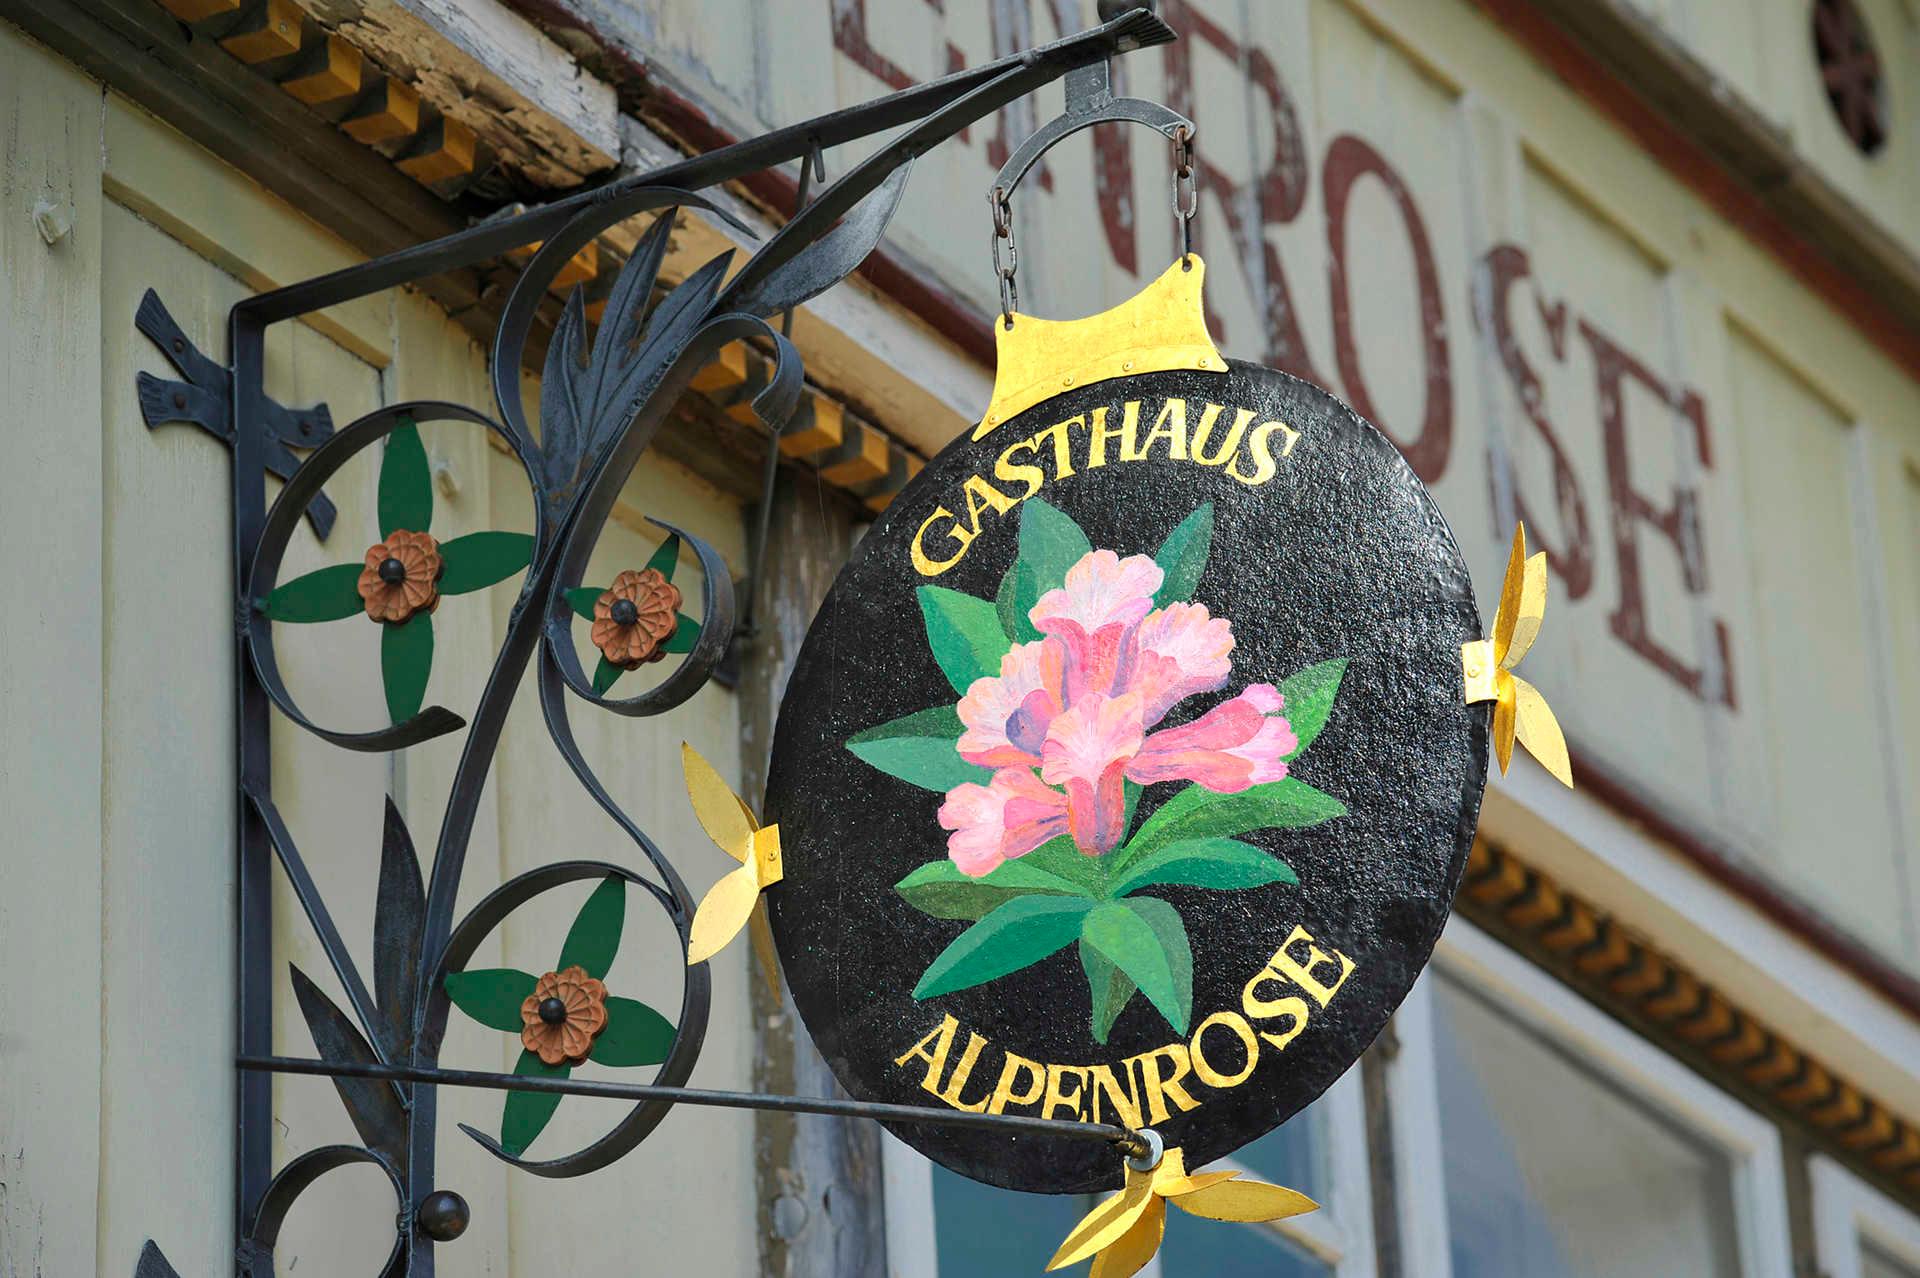 Alpenrose Hundwil